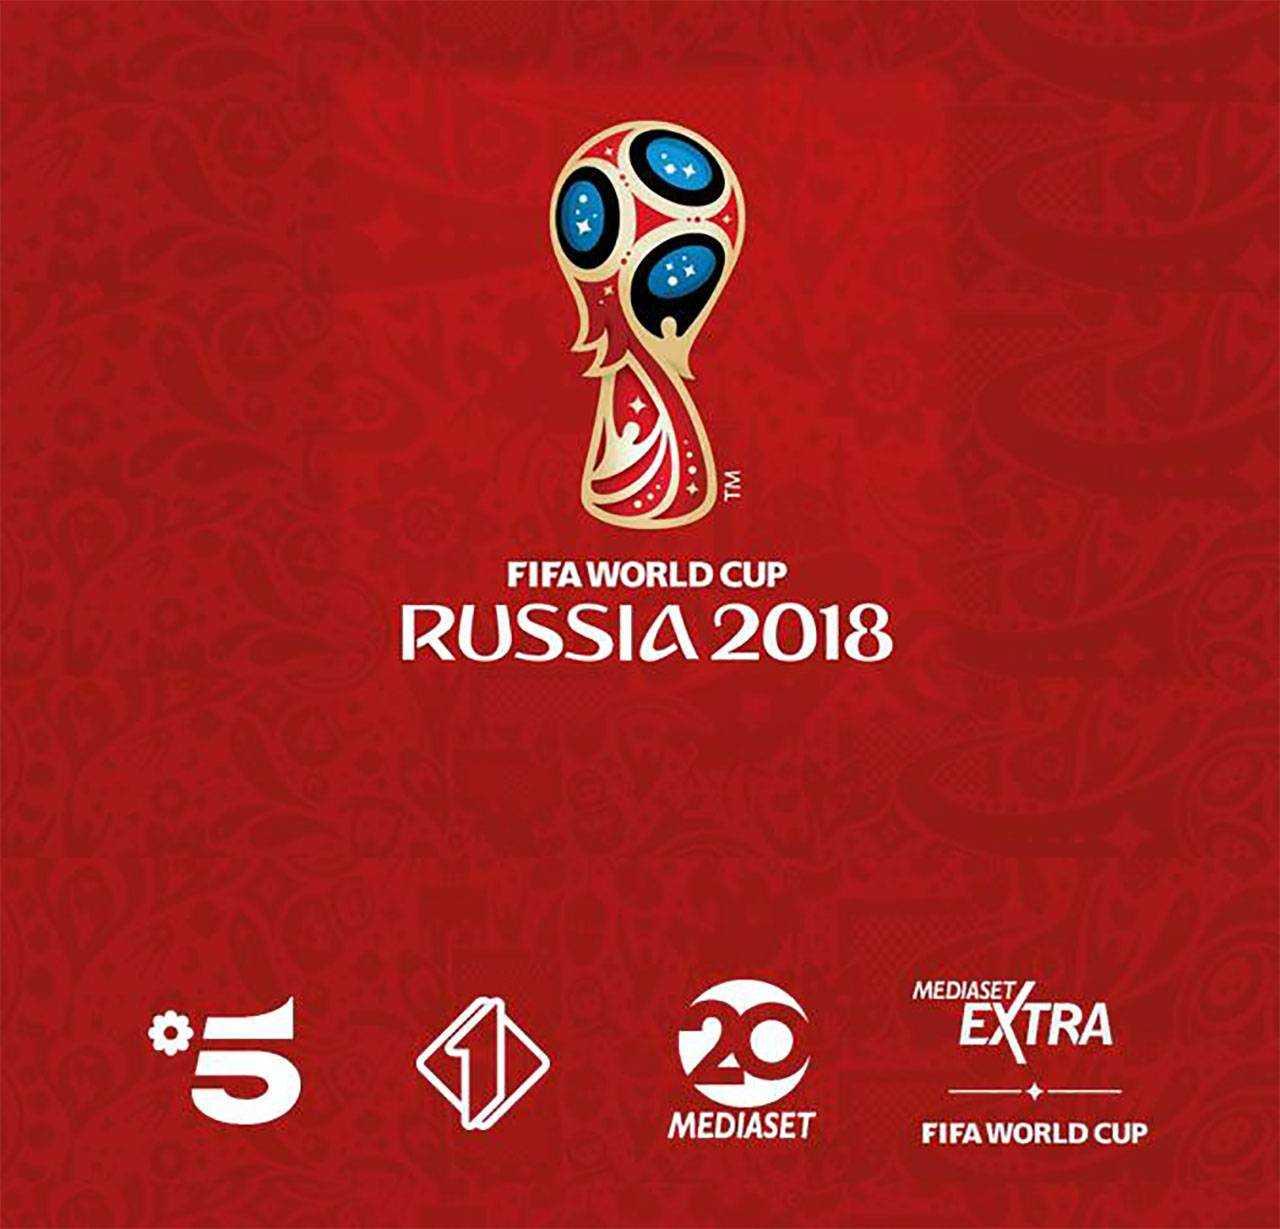 Mondiale Russia Calendario.Mondiali Russia 2018 La Programmazione Mediaset E Il